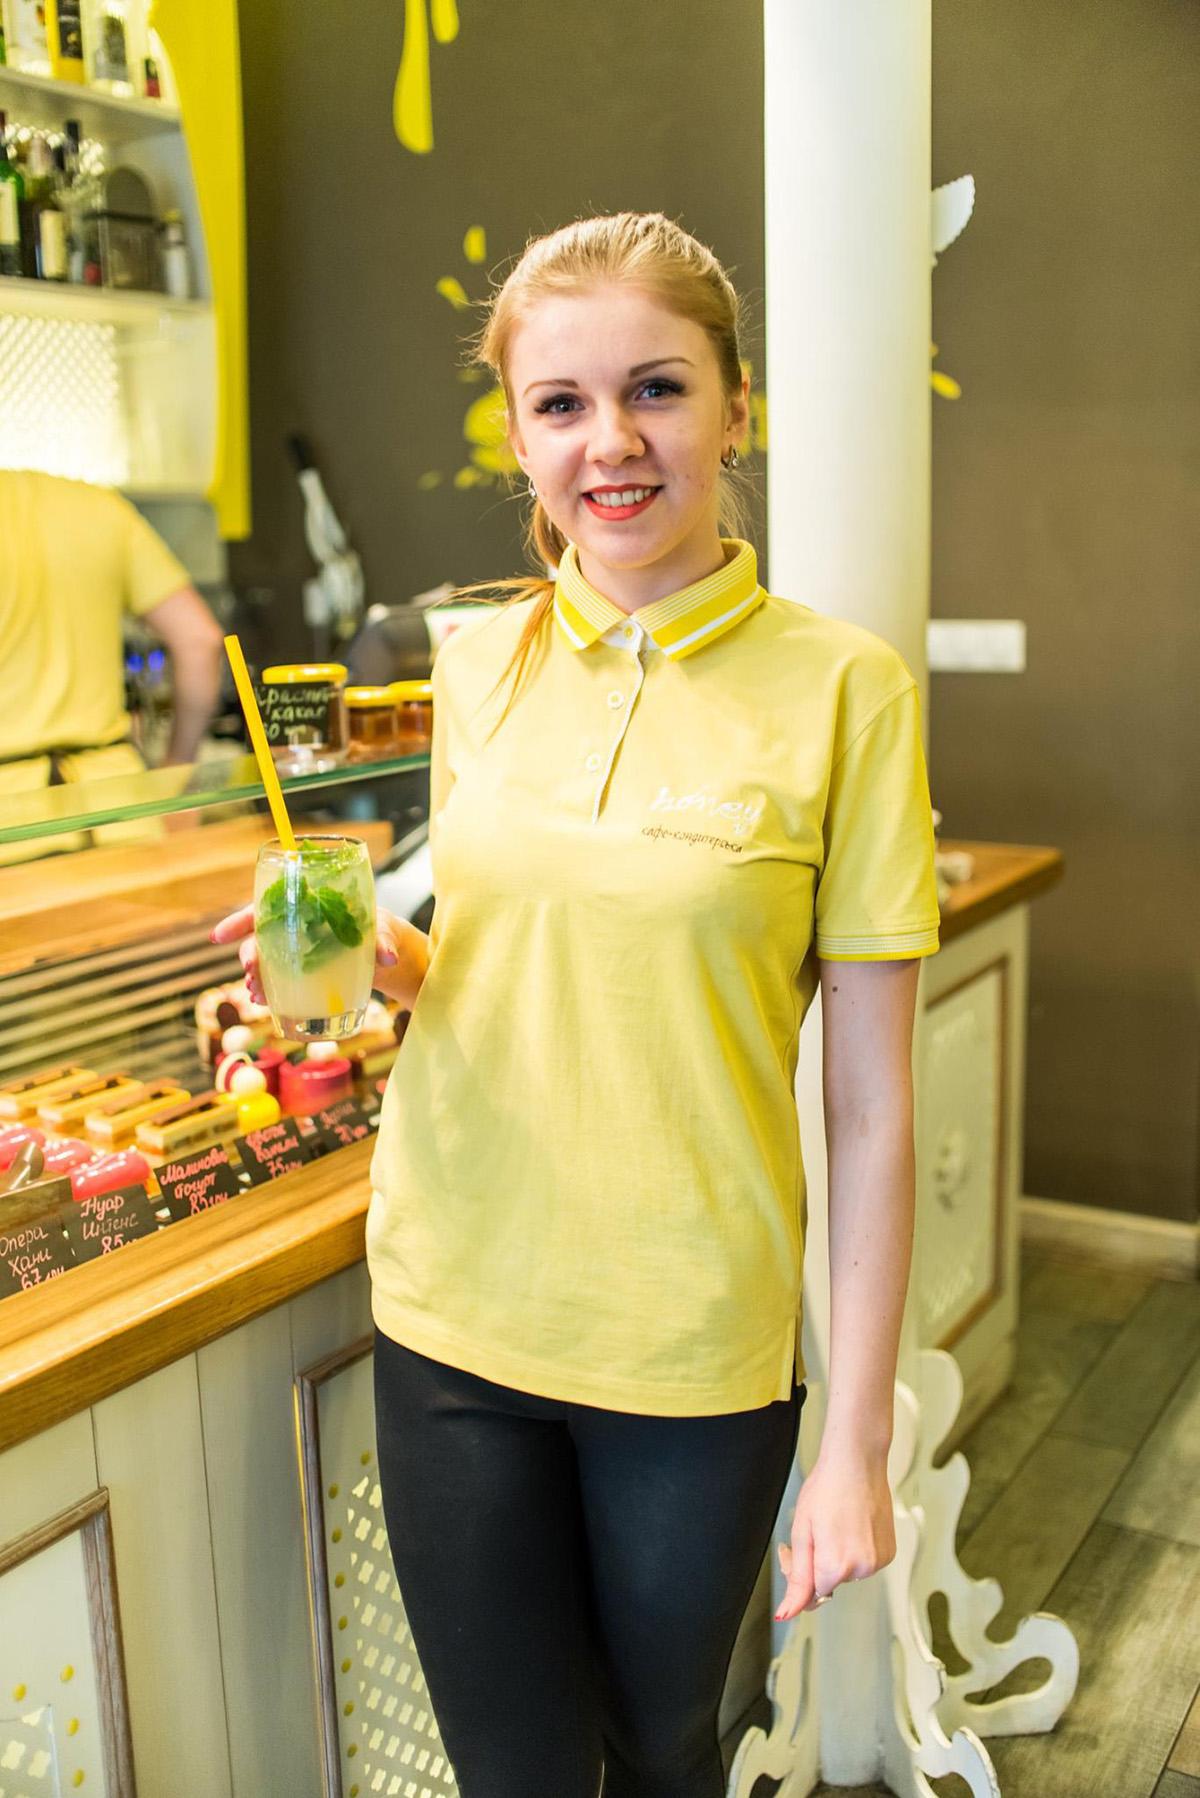 Honey waitress